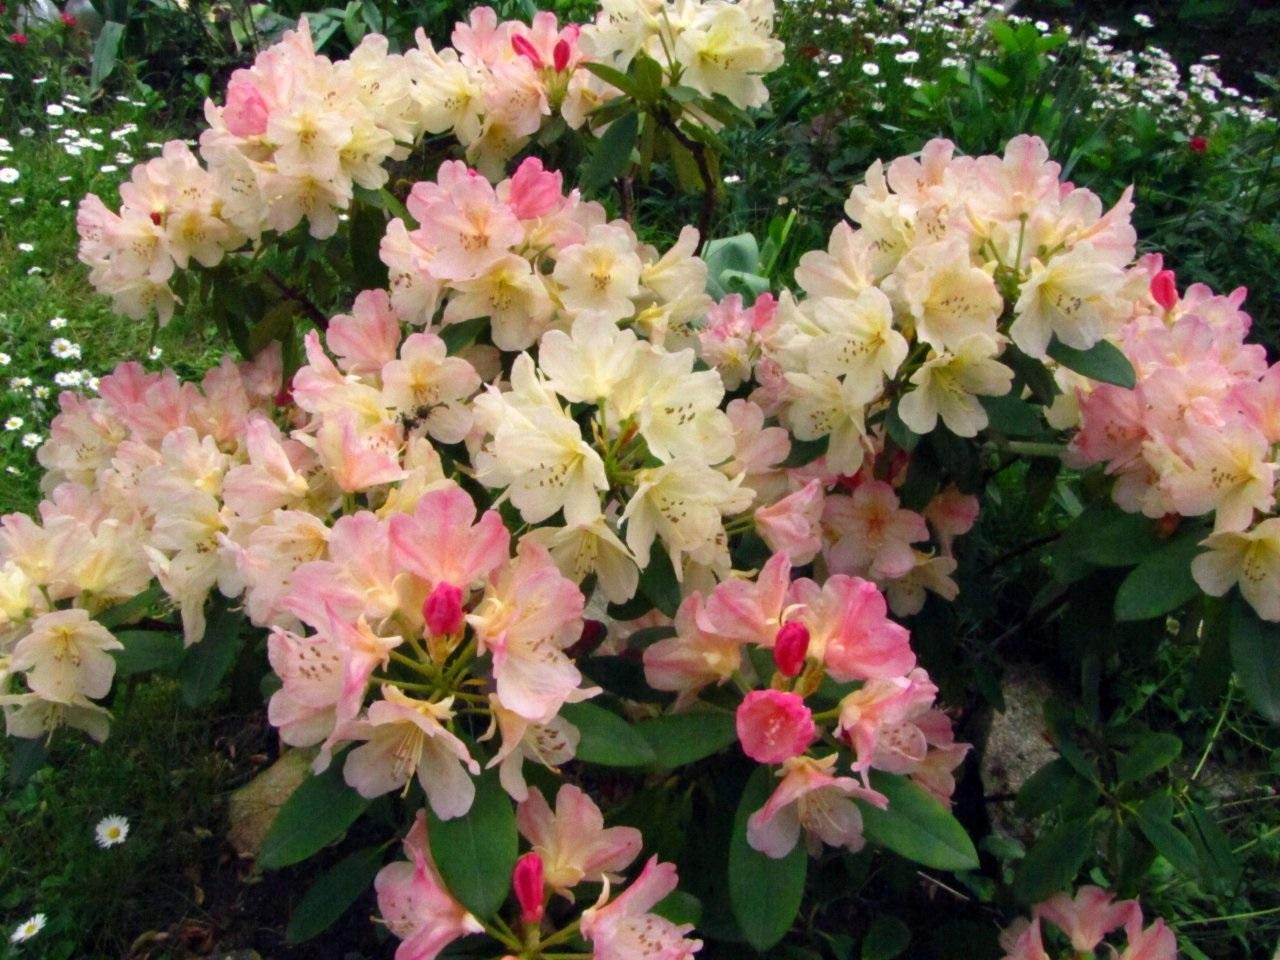 Сочетание розового и белого на лепестках рододендрона